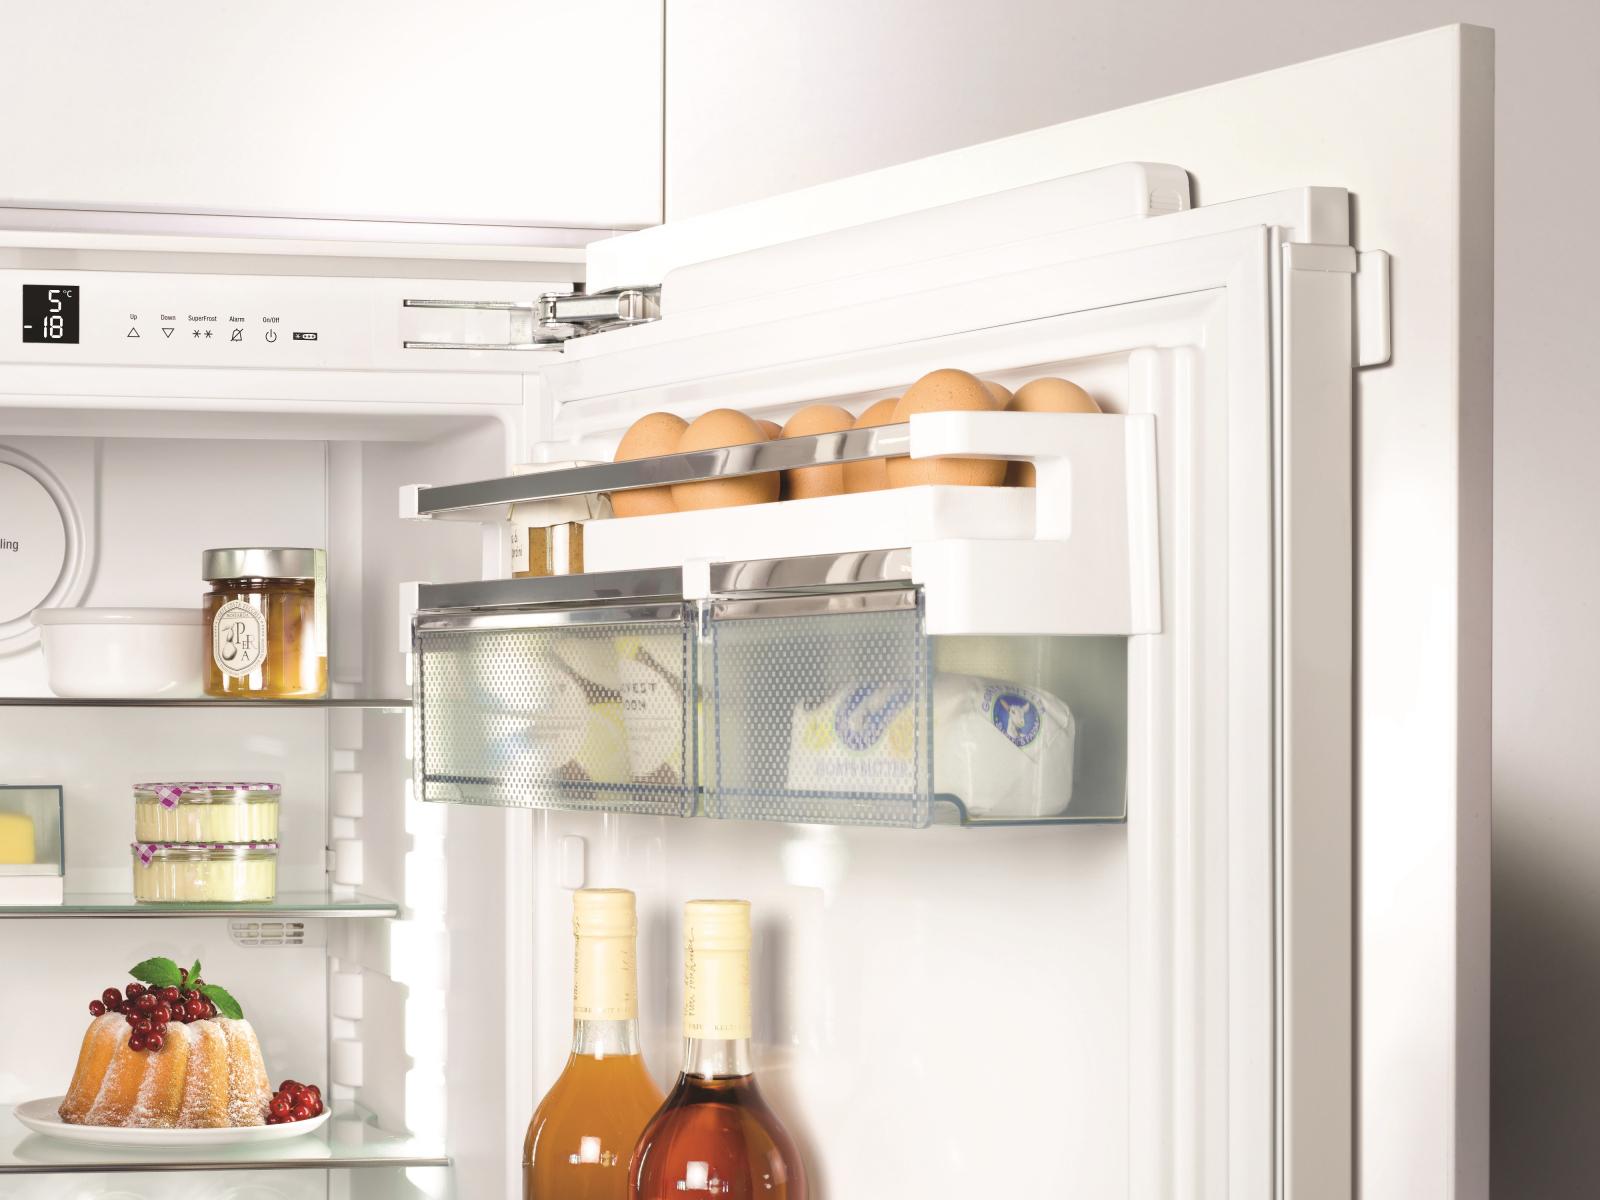 купить Встраиваемый холодильник Side-by-side Liebherr SBS 66I3 21 Украина фото 6